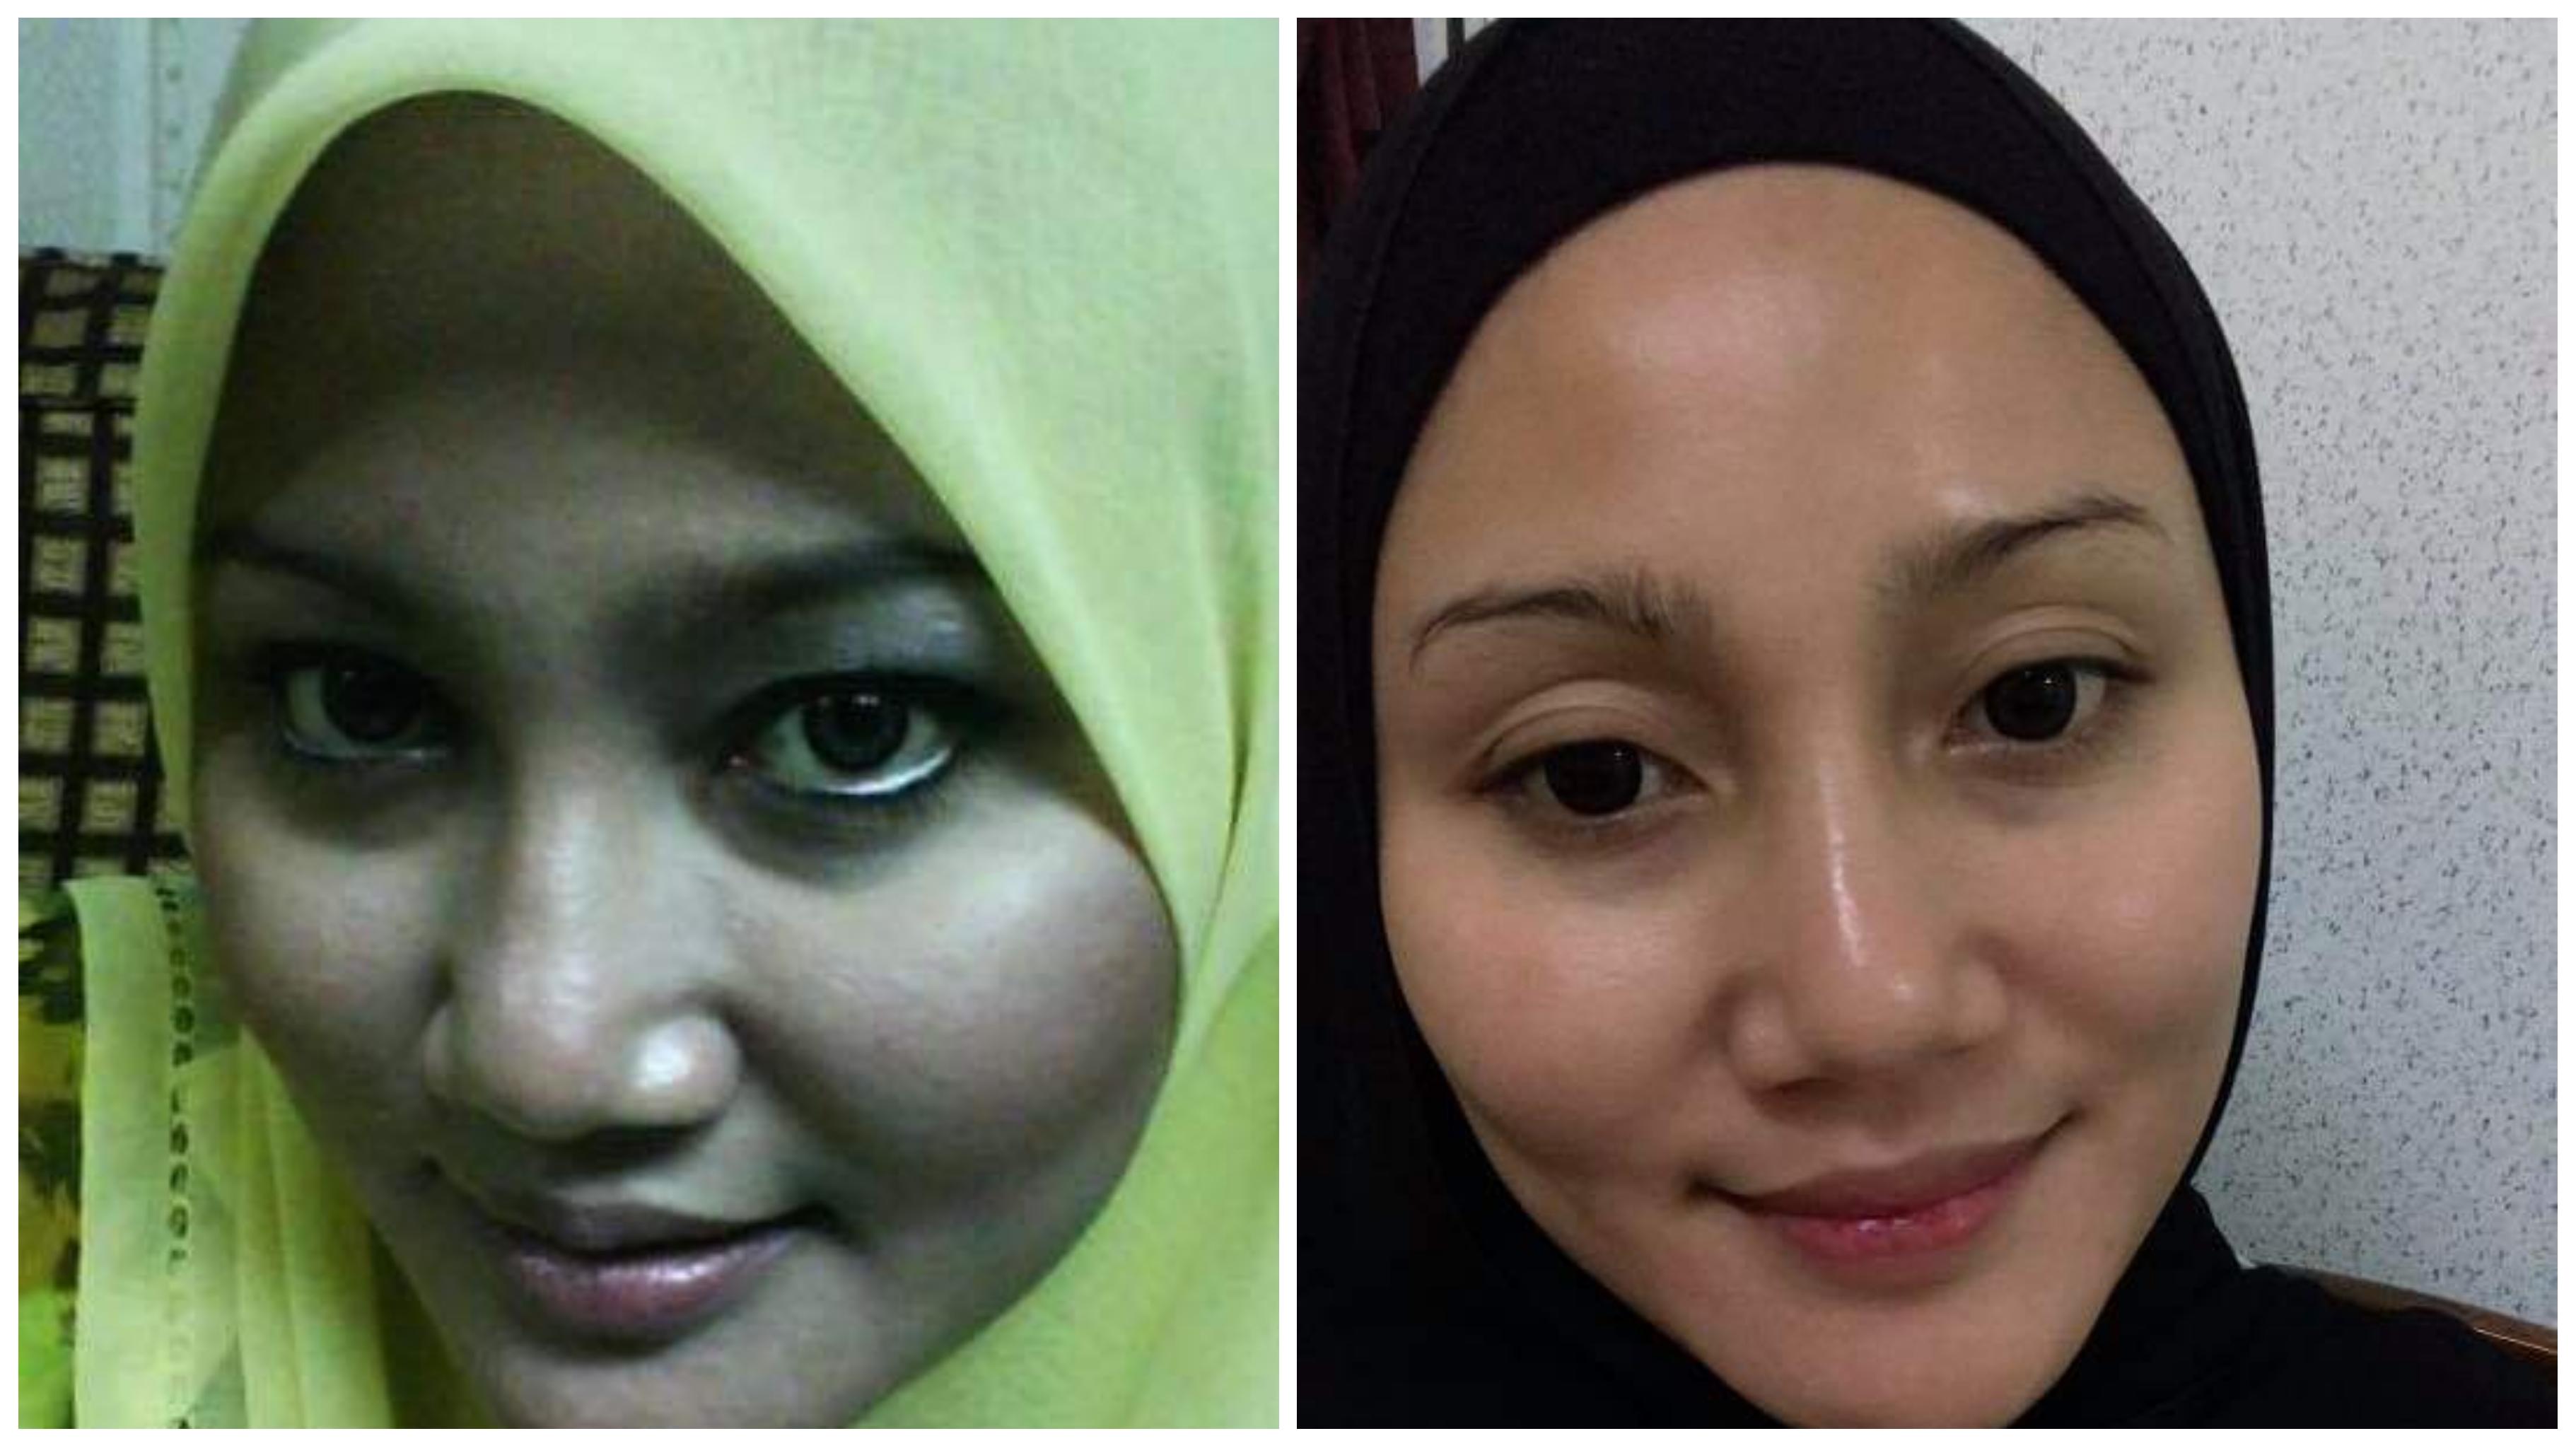 Hanya Gunakan Halia Dan Cuka, Kulit Menjadi Flawless Dan Bersinar Seperti Pergi Facial_5c8091a2436a1.jpeg